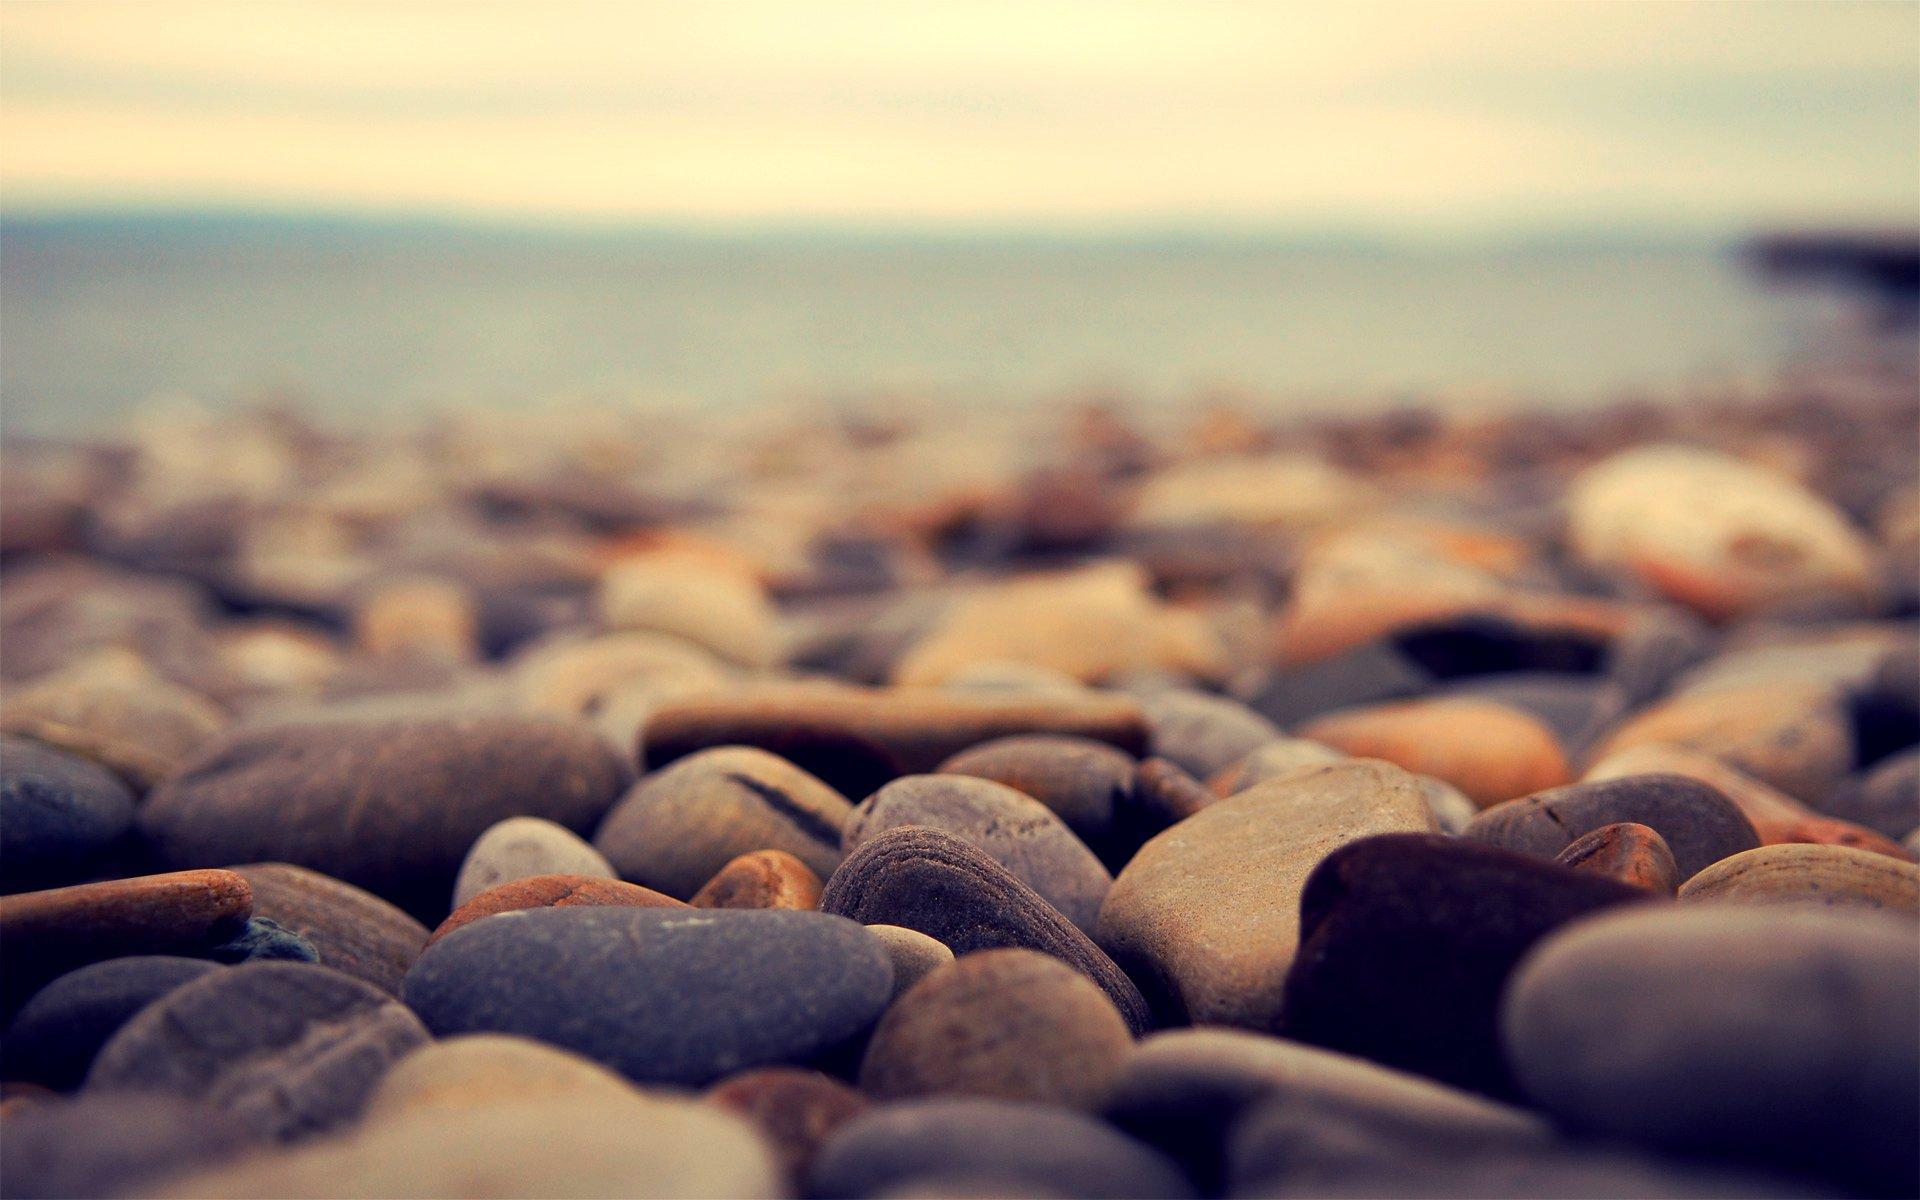 берег песок камушки загрузить